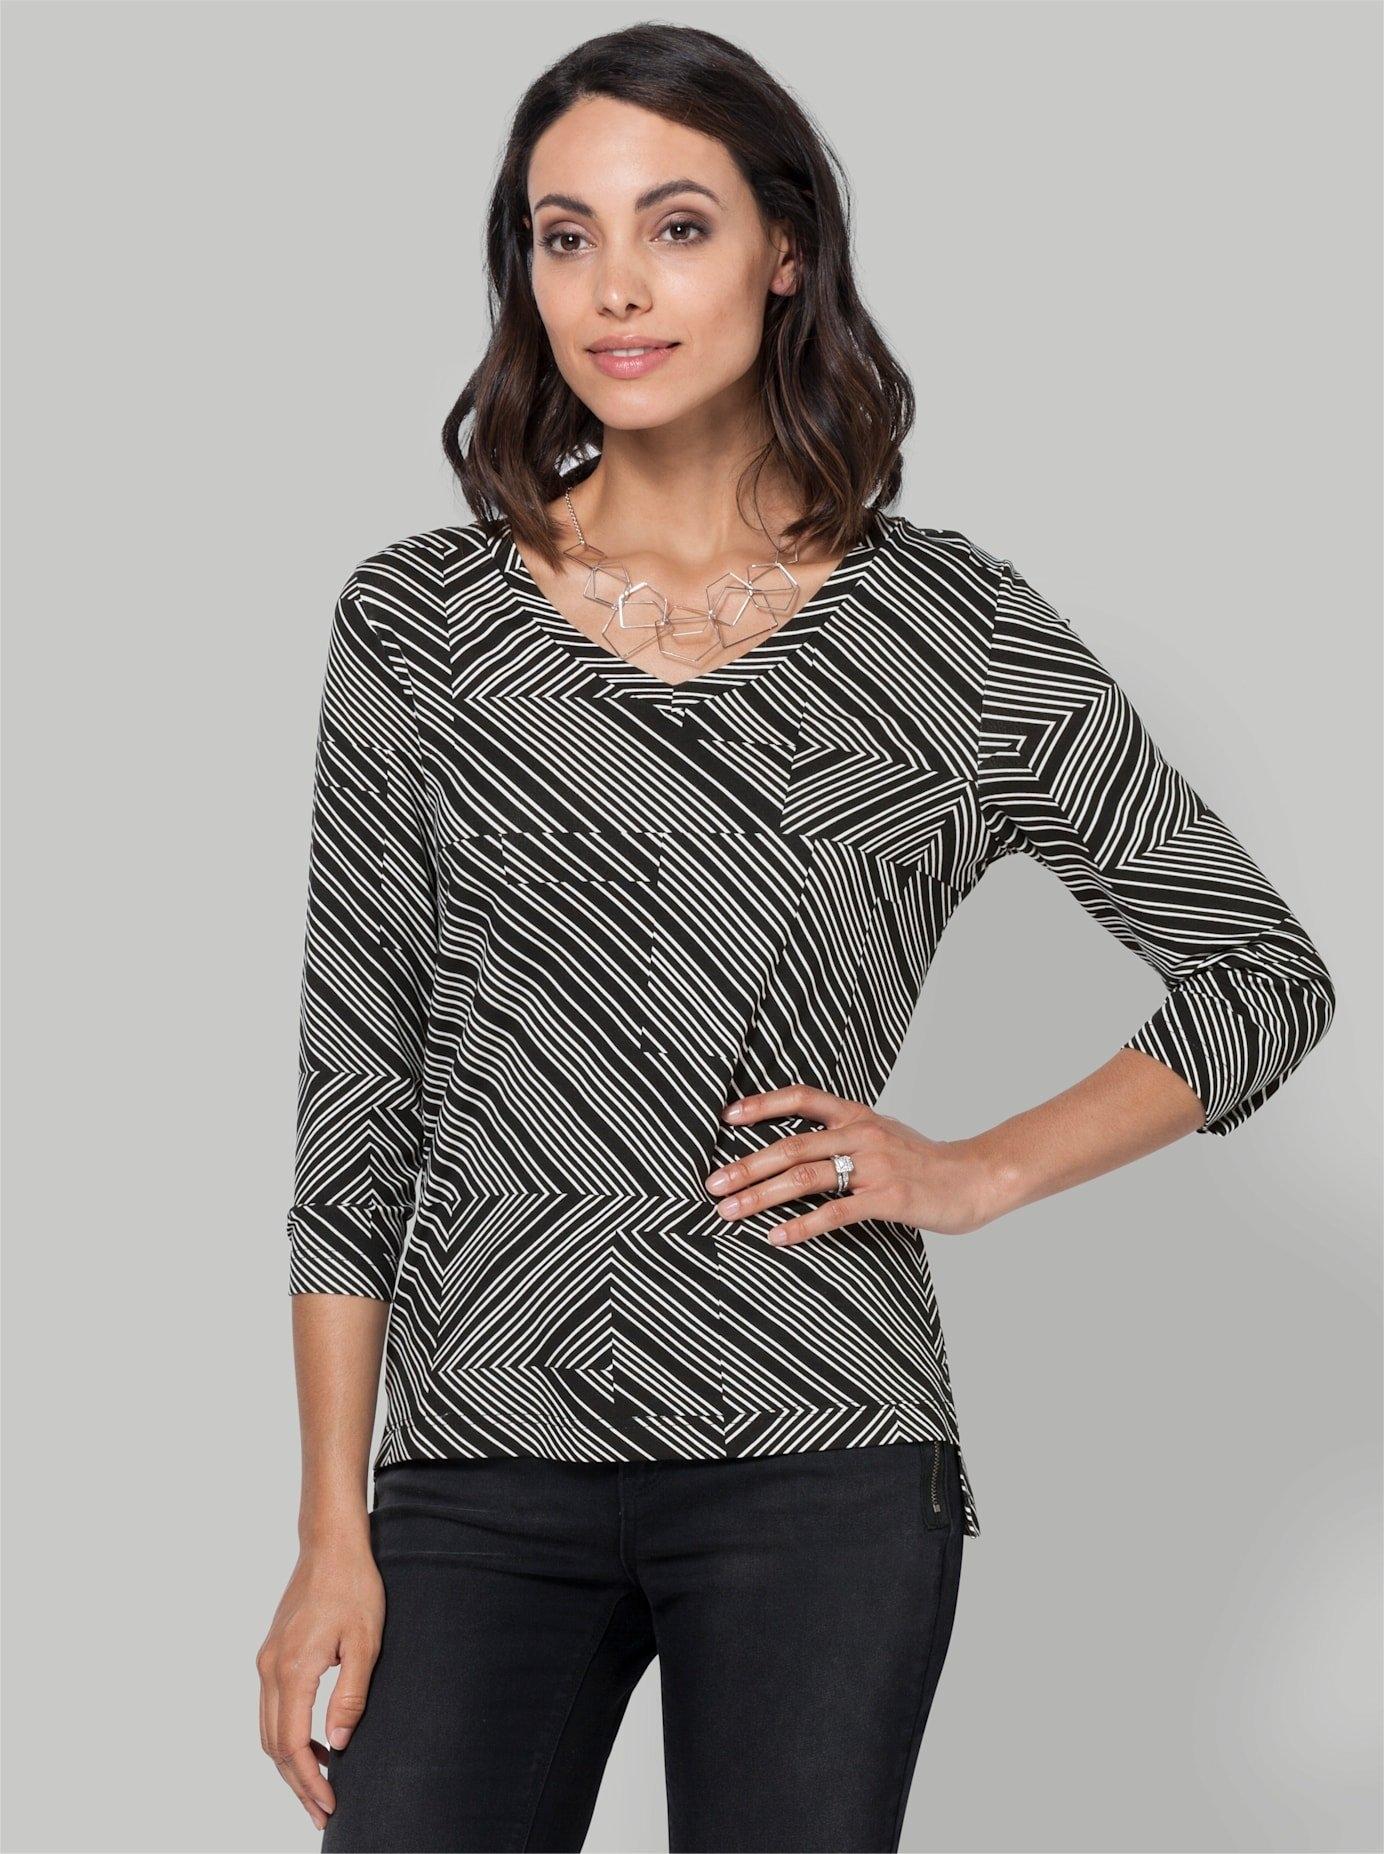 Ambria shirt met print bestellen: 30 dagen bedenktijd